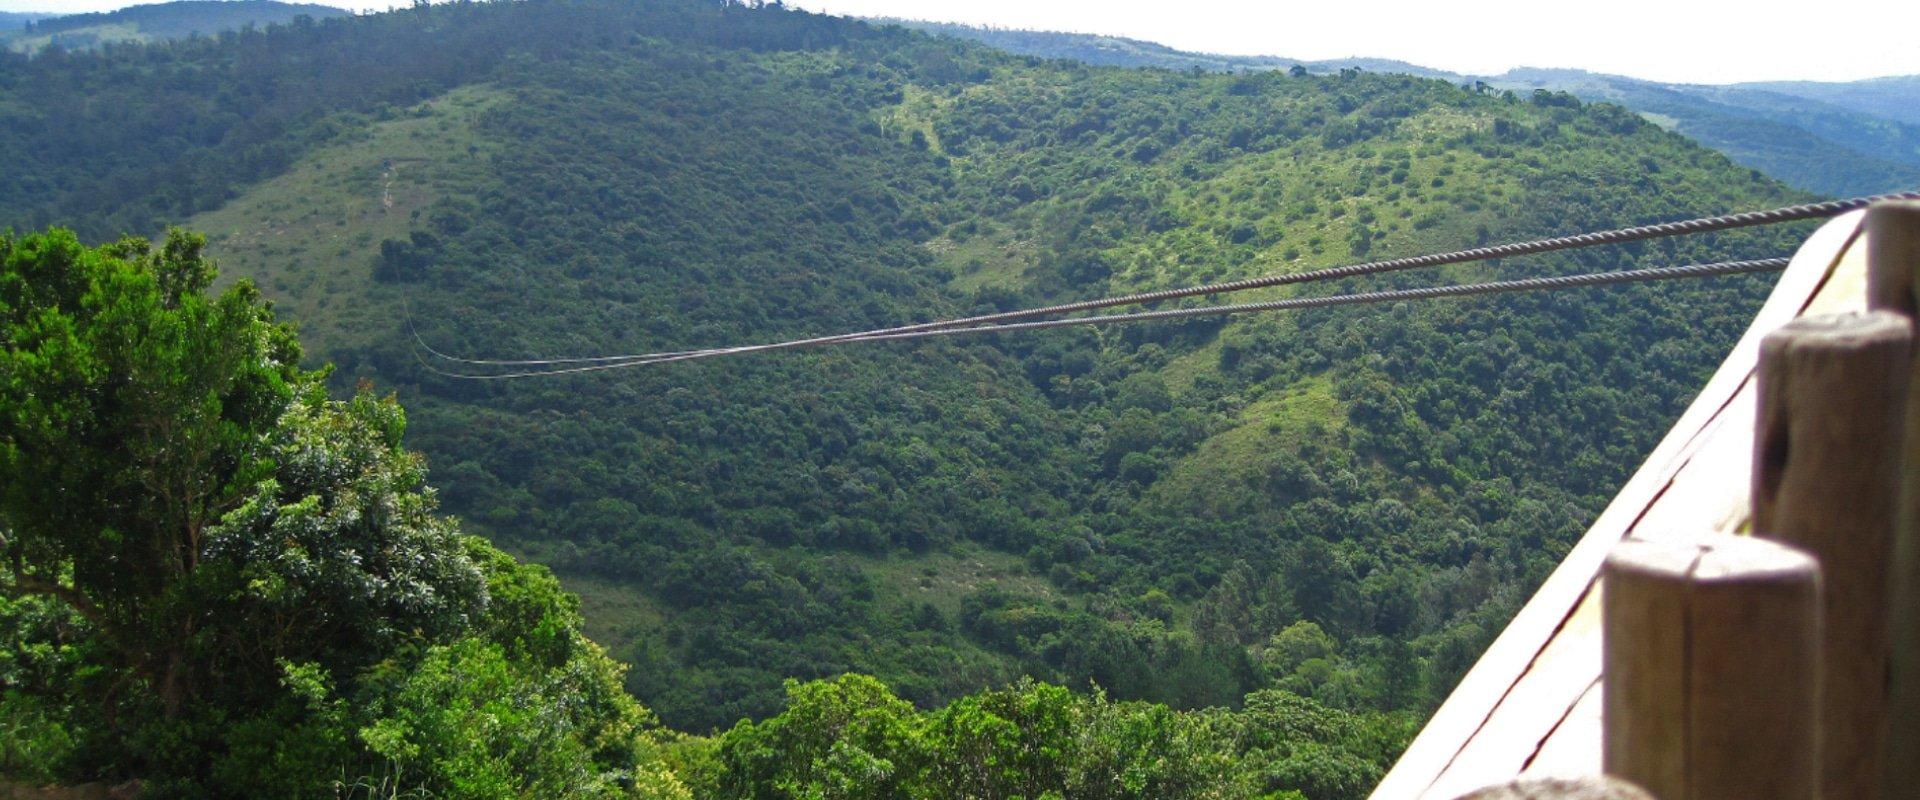 Zip Line the highest line in Africa